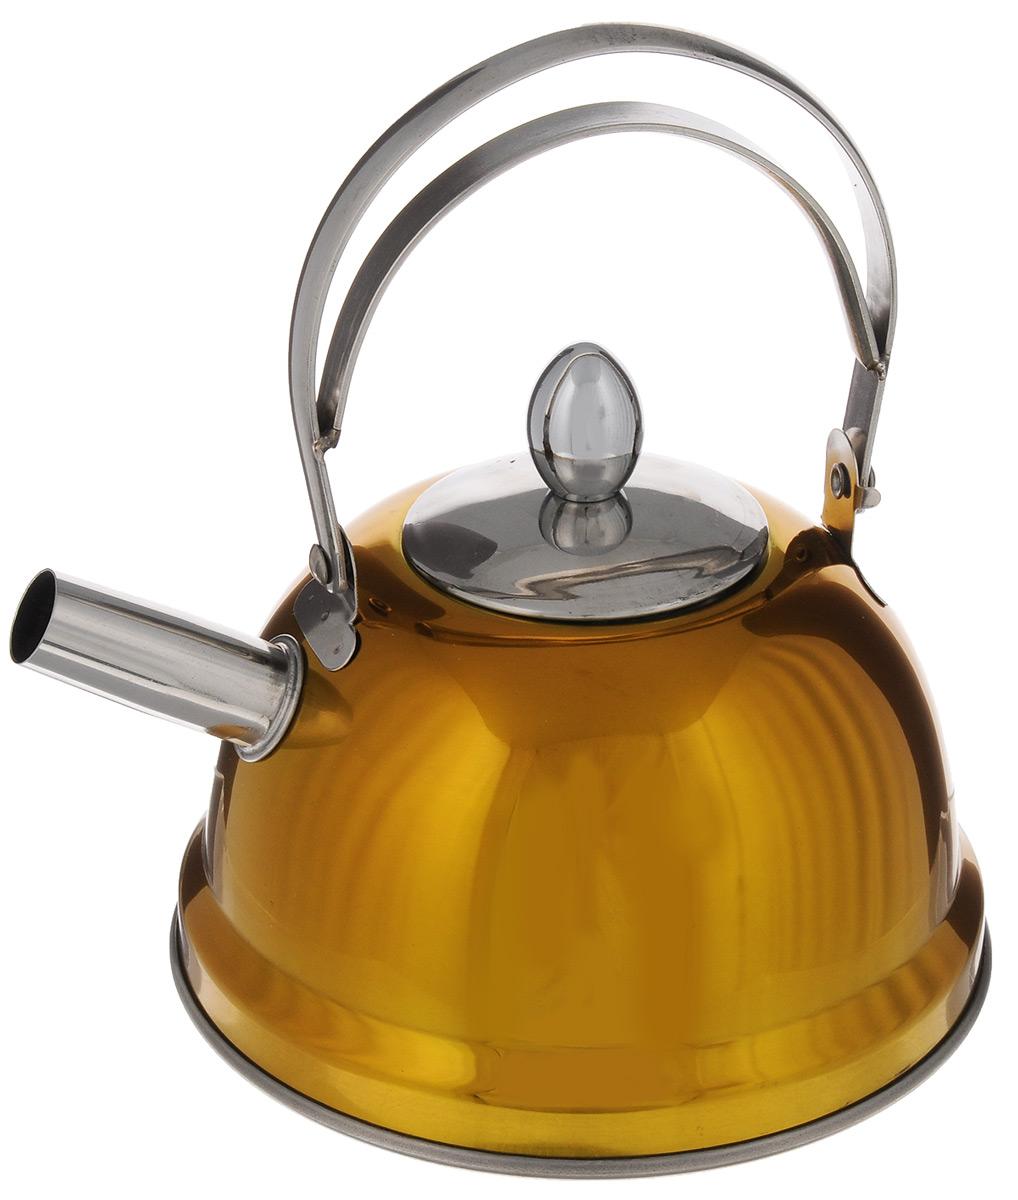 Чайник заварочный Bekker De Luxe, с ситечком, цвет: желтый, 0,8 л. BK-S430115510Чайник Bekker De Luxe выполнен из высококачественной нержавеющей стали, что обеспечивает долговечность использования. Внешнее цветное зеркальное покрытие придает приятный внешний вид. Капсулированное дно распределяет тепло по всей поверхности, что позволяет чайнику быстро закипать. Эргономичная подвижная ручка выполнена из нержавеющей стали. Чайник снабжен ситечком для заваривания. Можно мыть в посудомоечной машине. Пригоден для всех видов плит, включая индукционные.Диаметр (по верхнему краю): 5 см.Высота чайника (без учета крышки и ручки): 8 см.Высота чайника (с учетом ручки): 17,5 см.Диаметр основания: 14 см. Толщина стенки: 0,5 мм.Высота ситечка: 5,5 см.